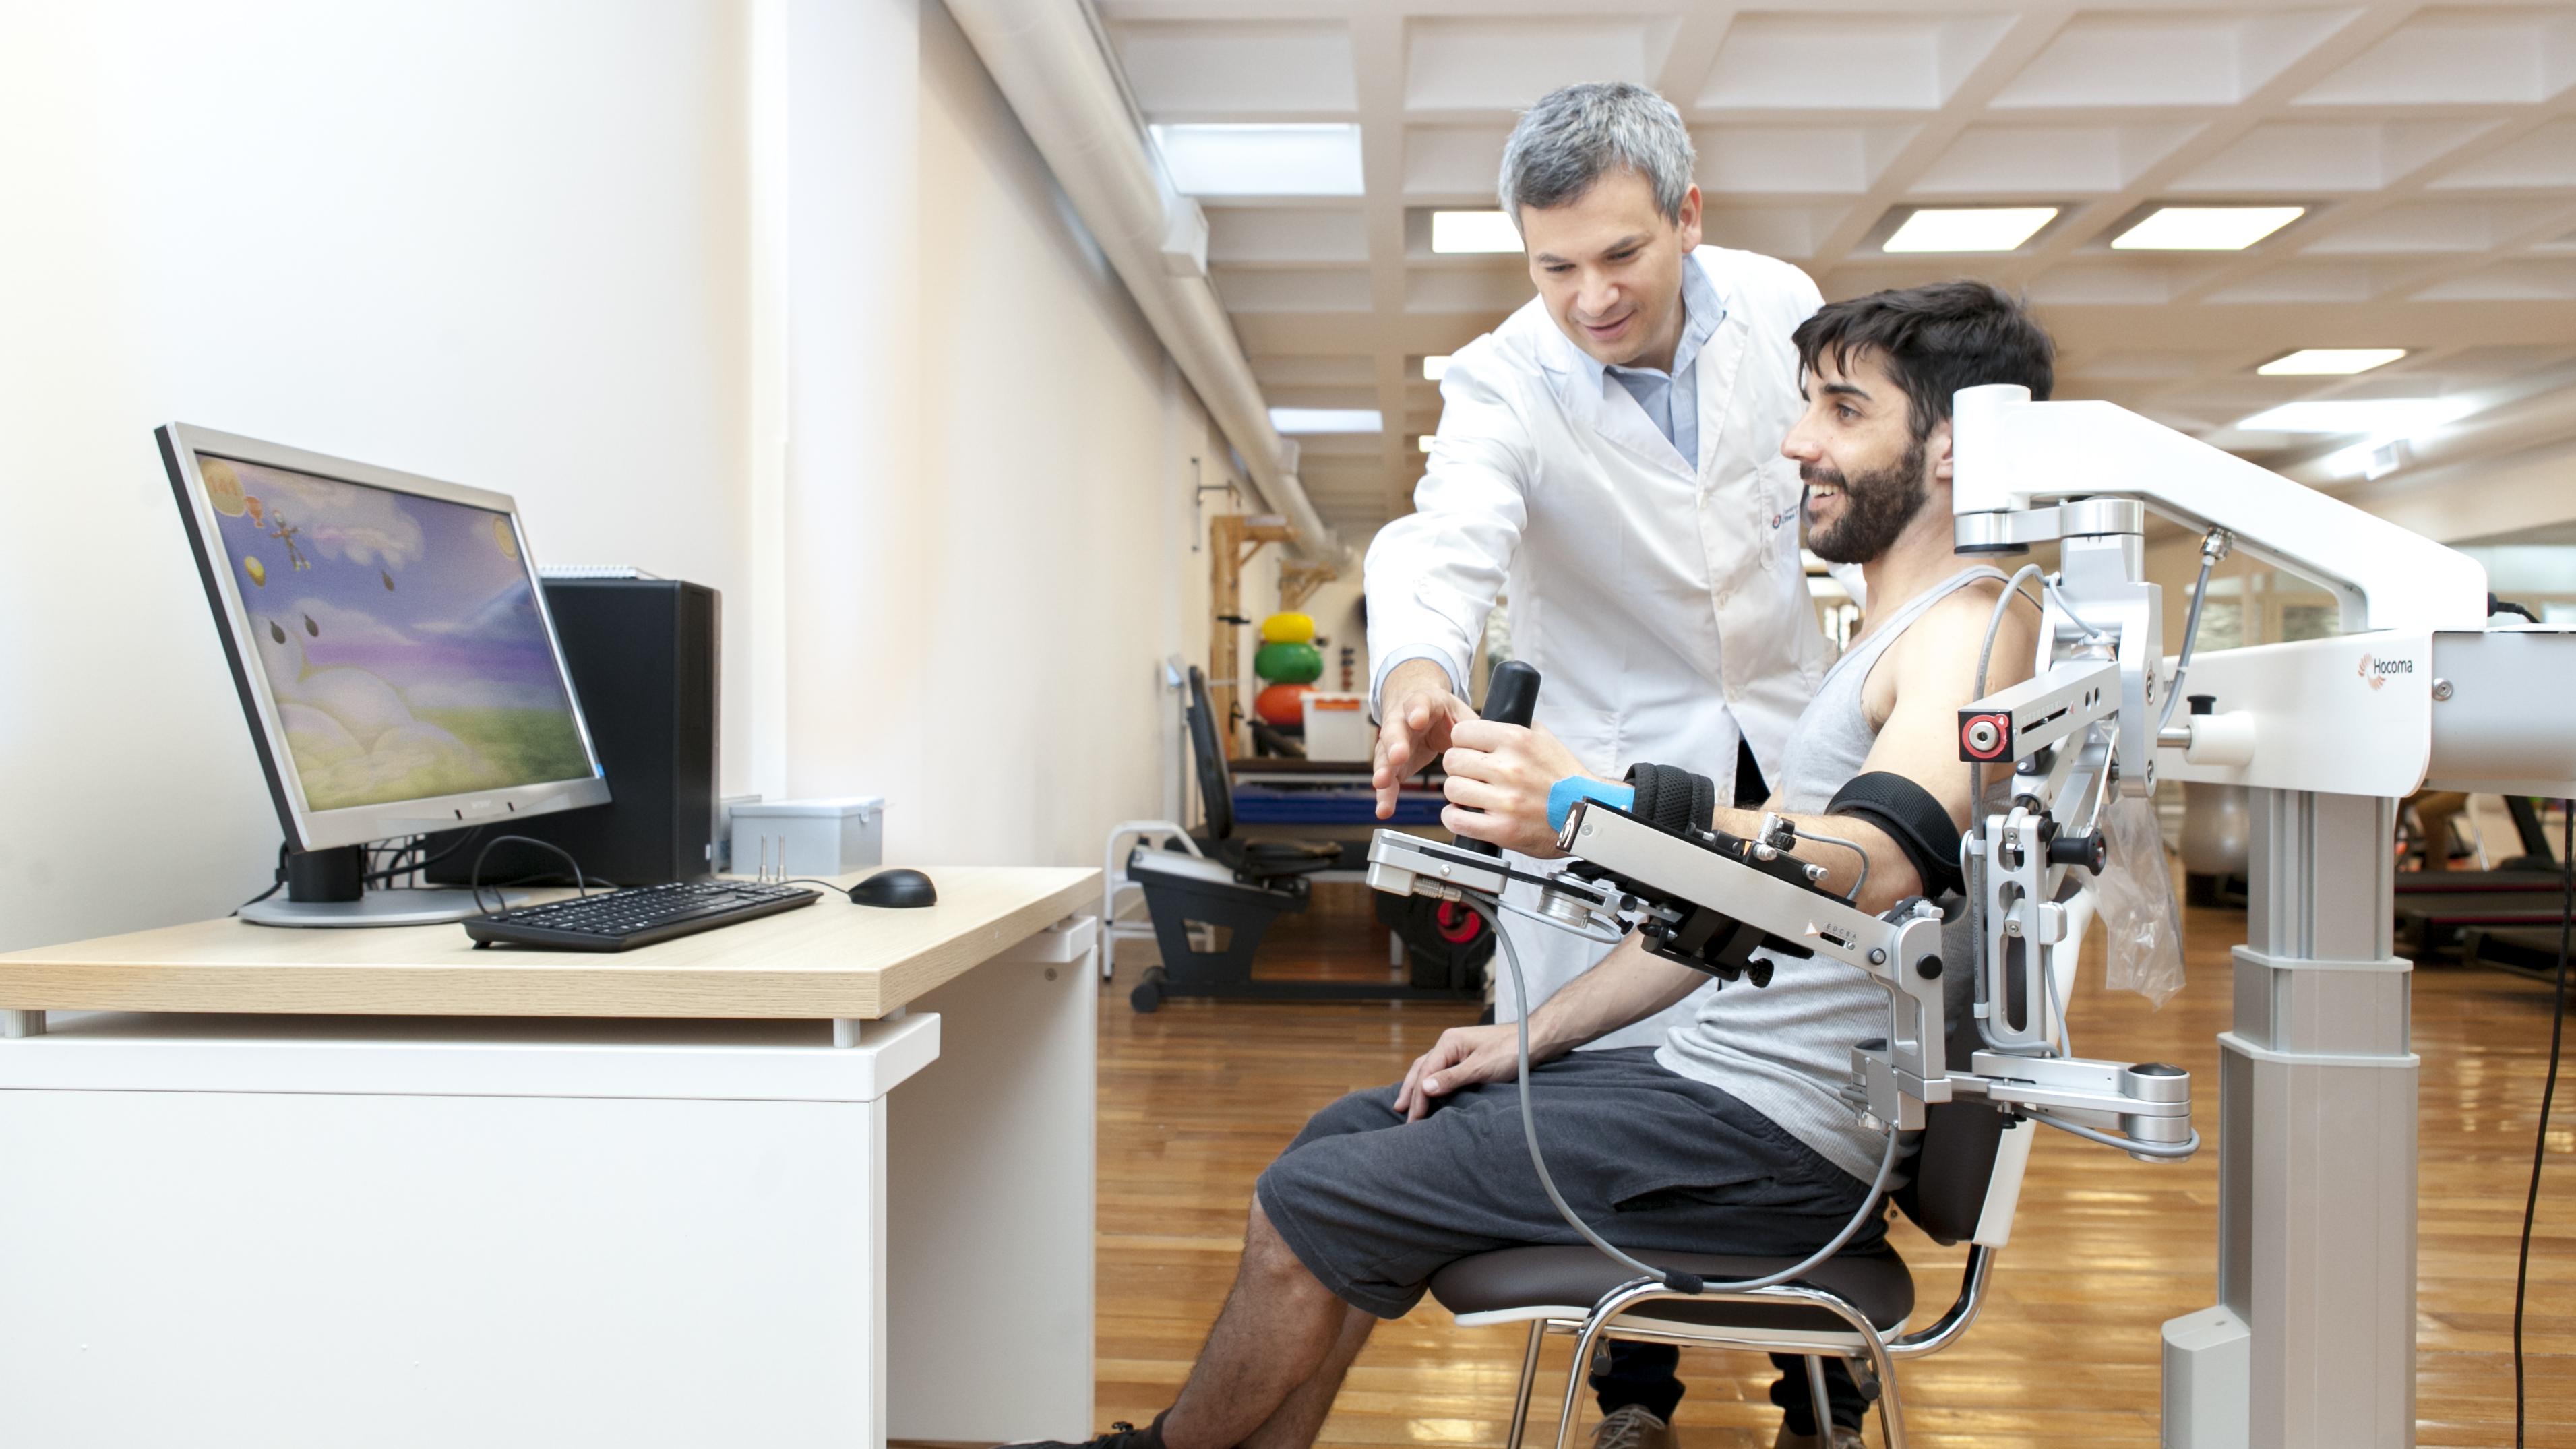 Cómo la robótica está revolucionando la neurorehabilitación de pacientes -  Infobae